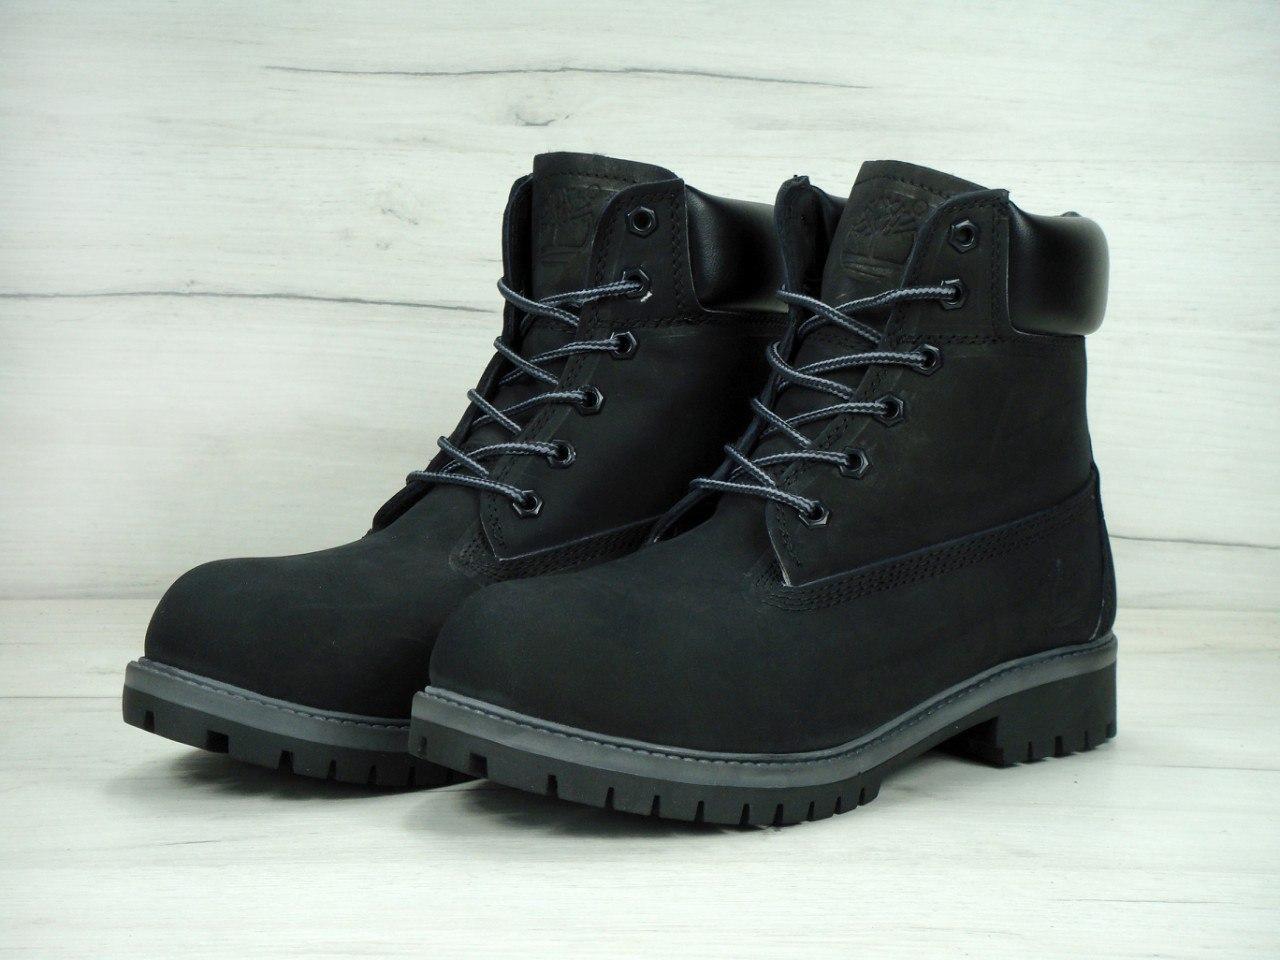 Зимние мужские ботинки Timberland на меху черные топ реплика